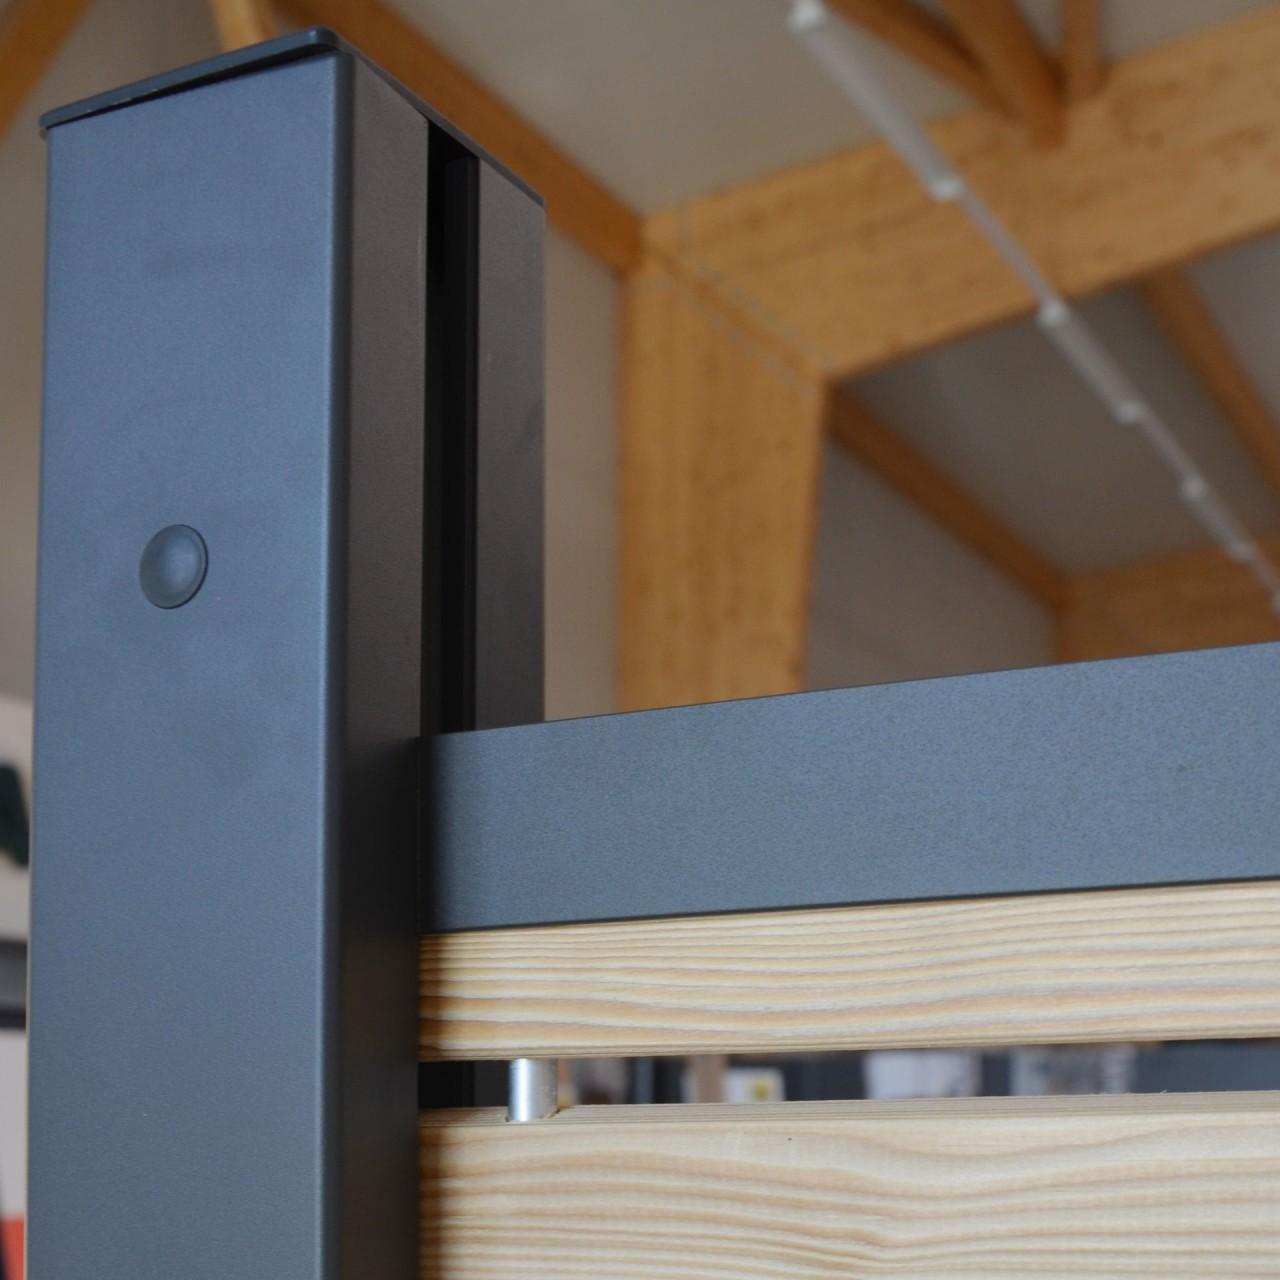 SYSTEM Klemmpfosten Anthrazit 192 cm